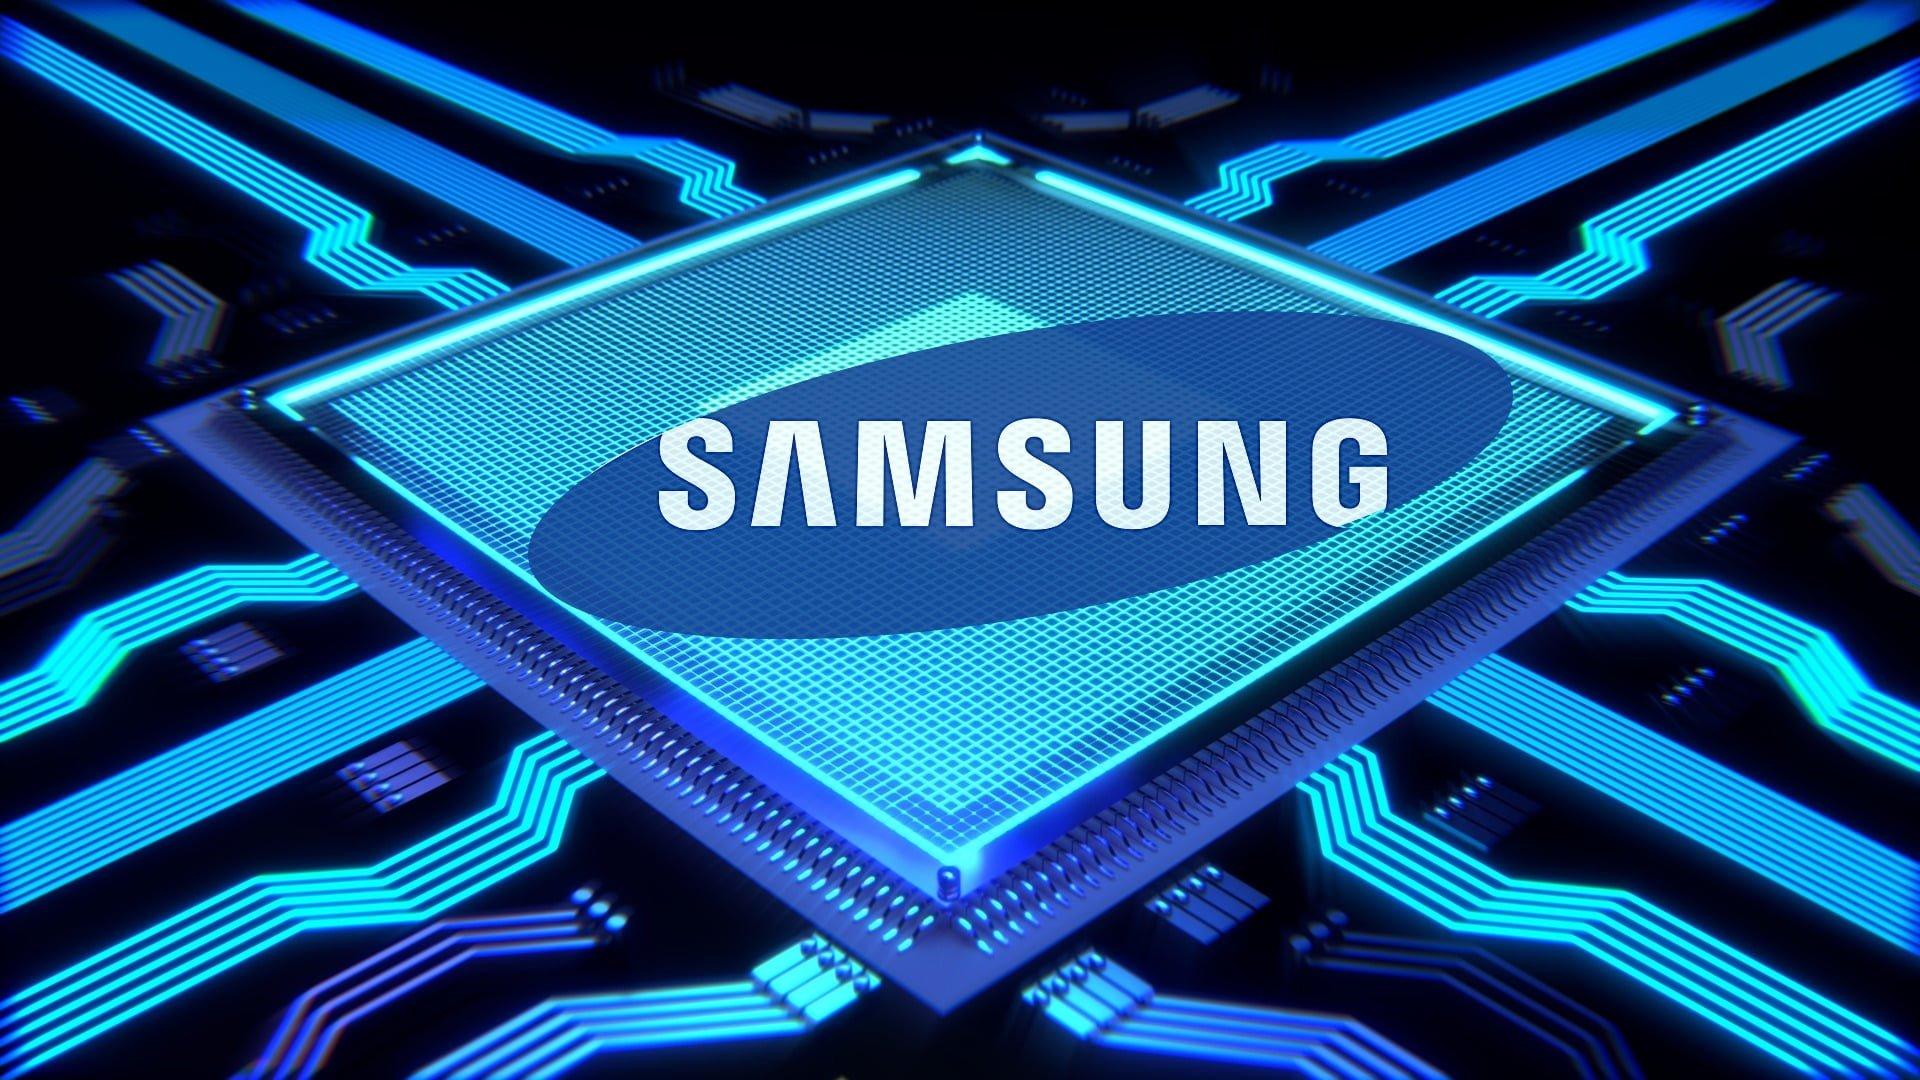 Samsung zaoferuje dyski SSD i pamięci DRAM zgodne z AMD EPYC 7002 18